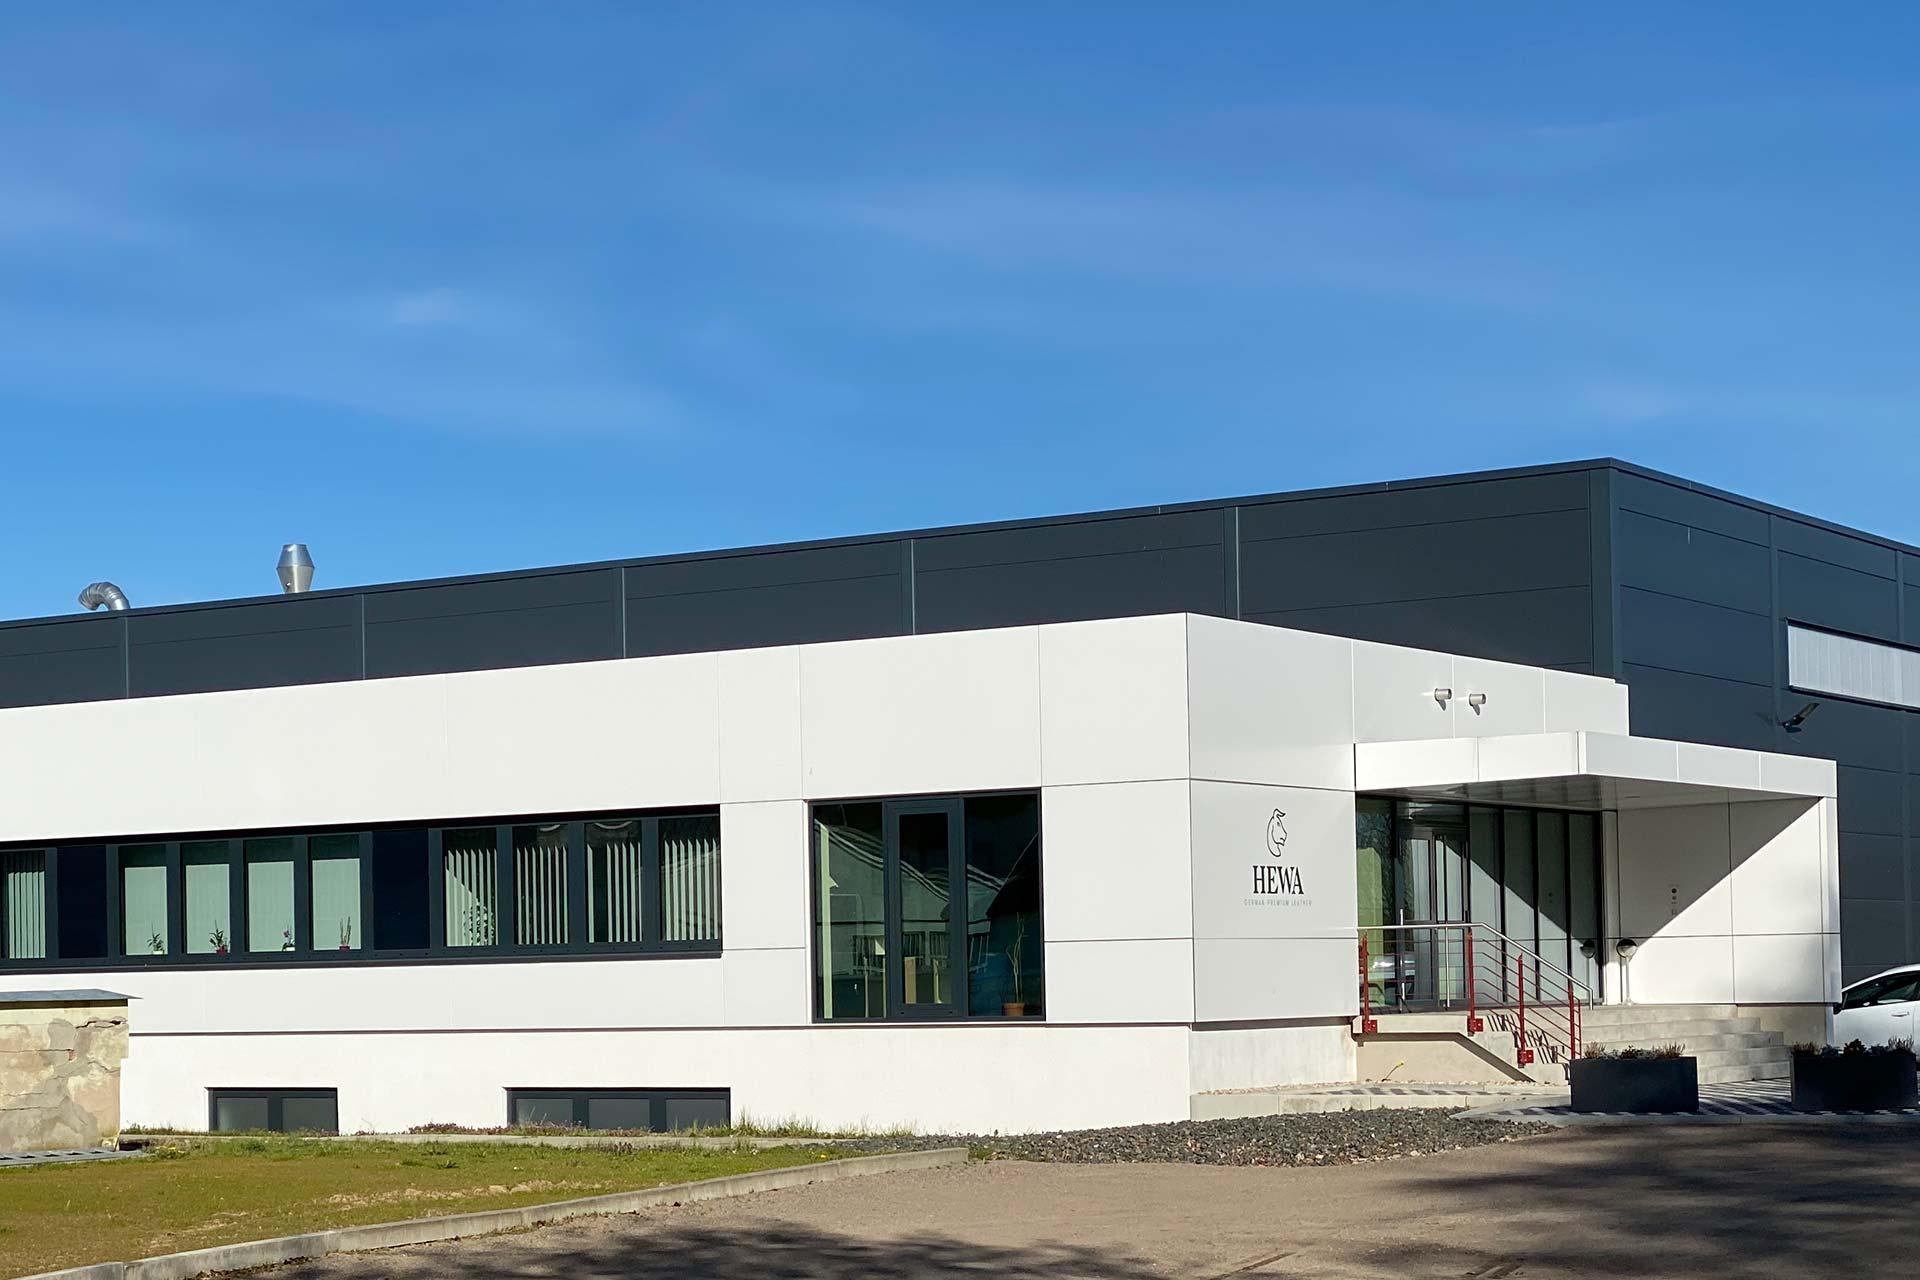 Projekte: HEWA in Brand-Erbdisdorf - Fassadenverkleidung